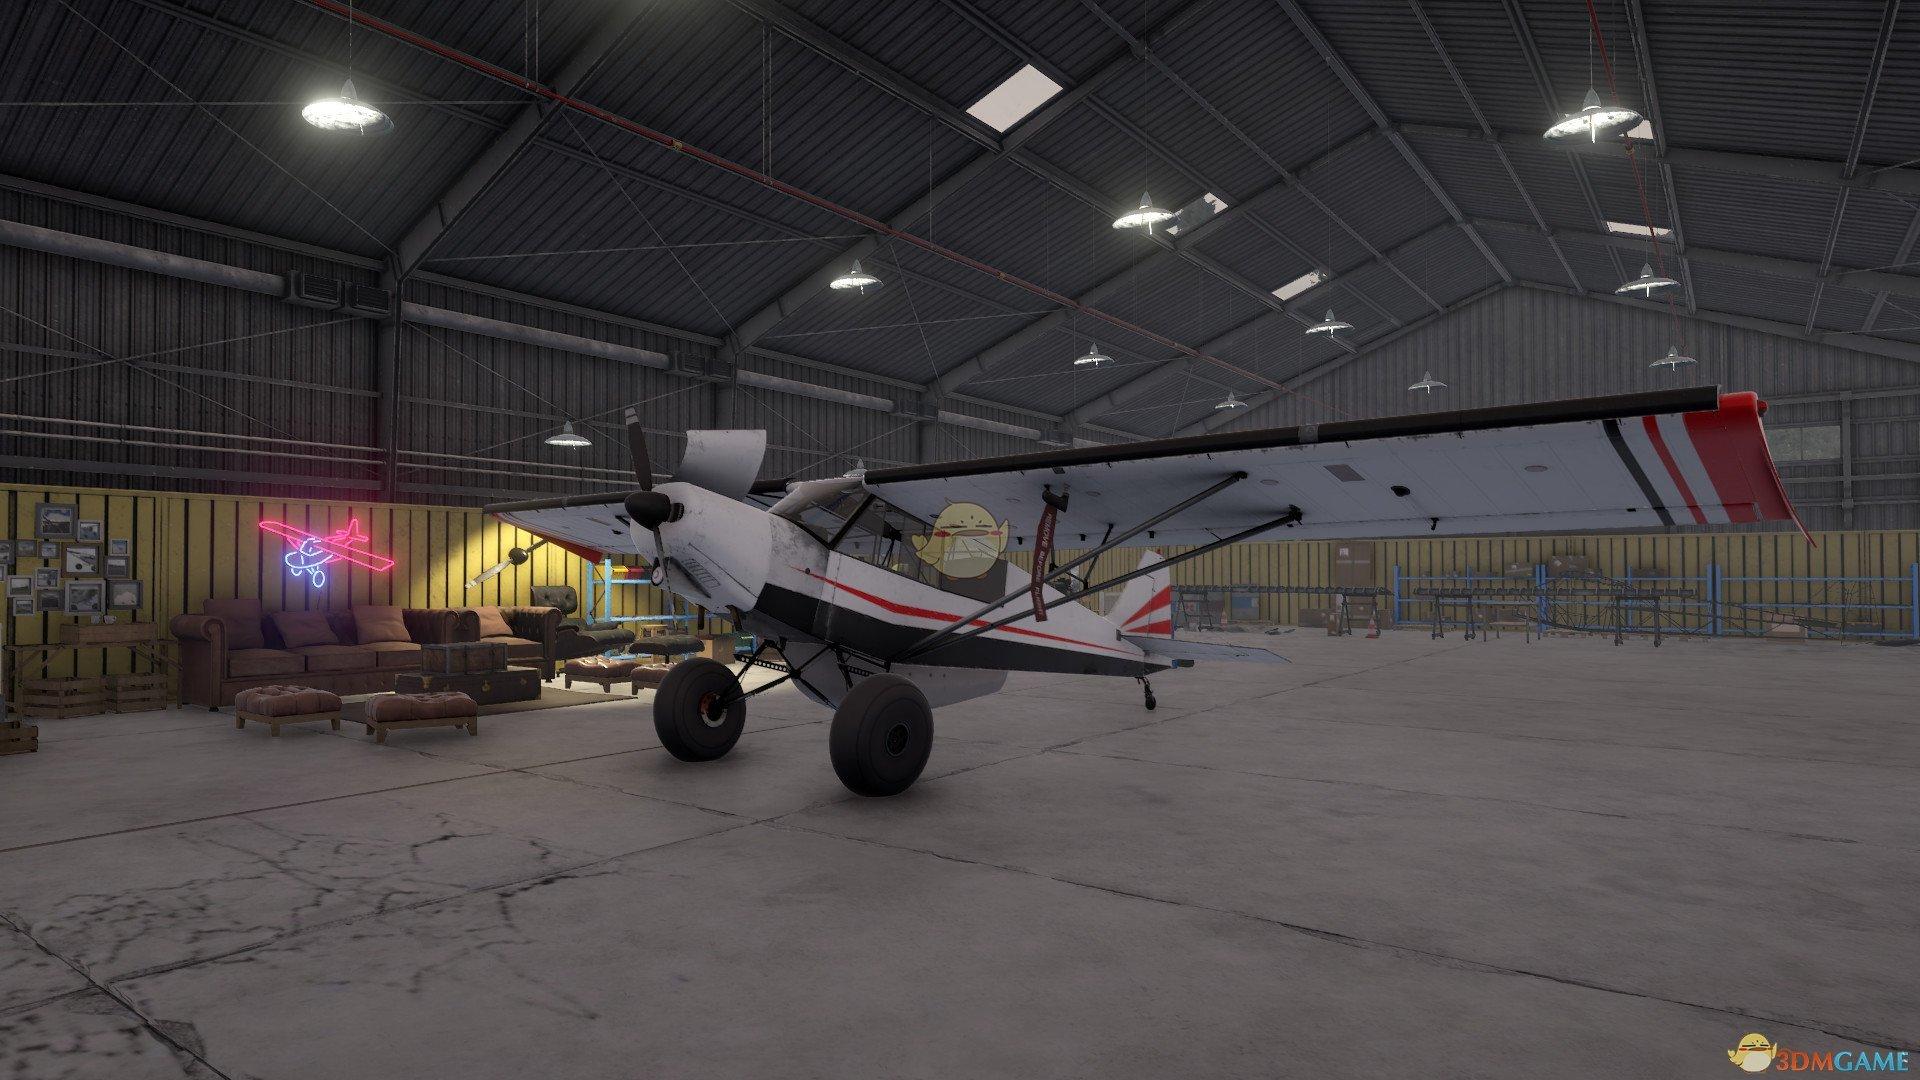 《Deadstick:丛林飞行模拟》游戏配置要求一览